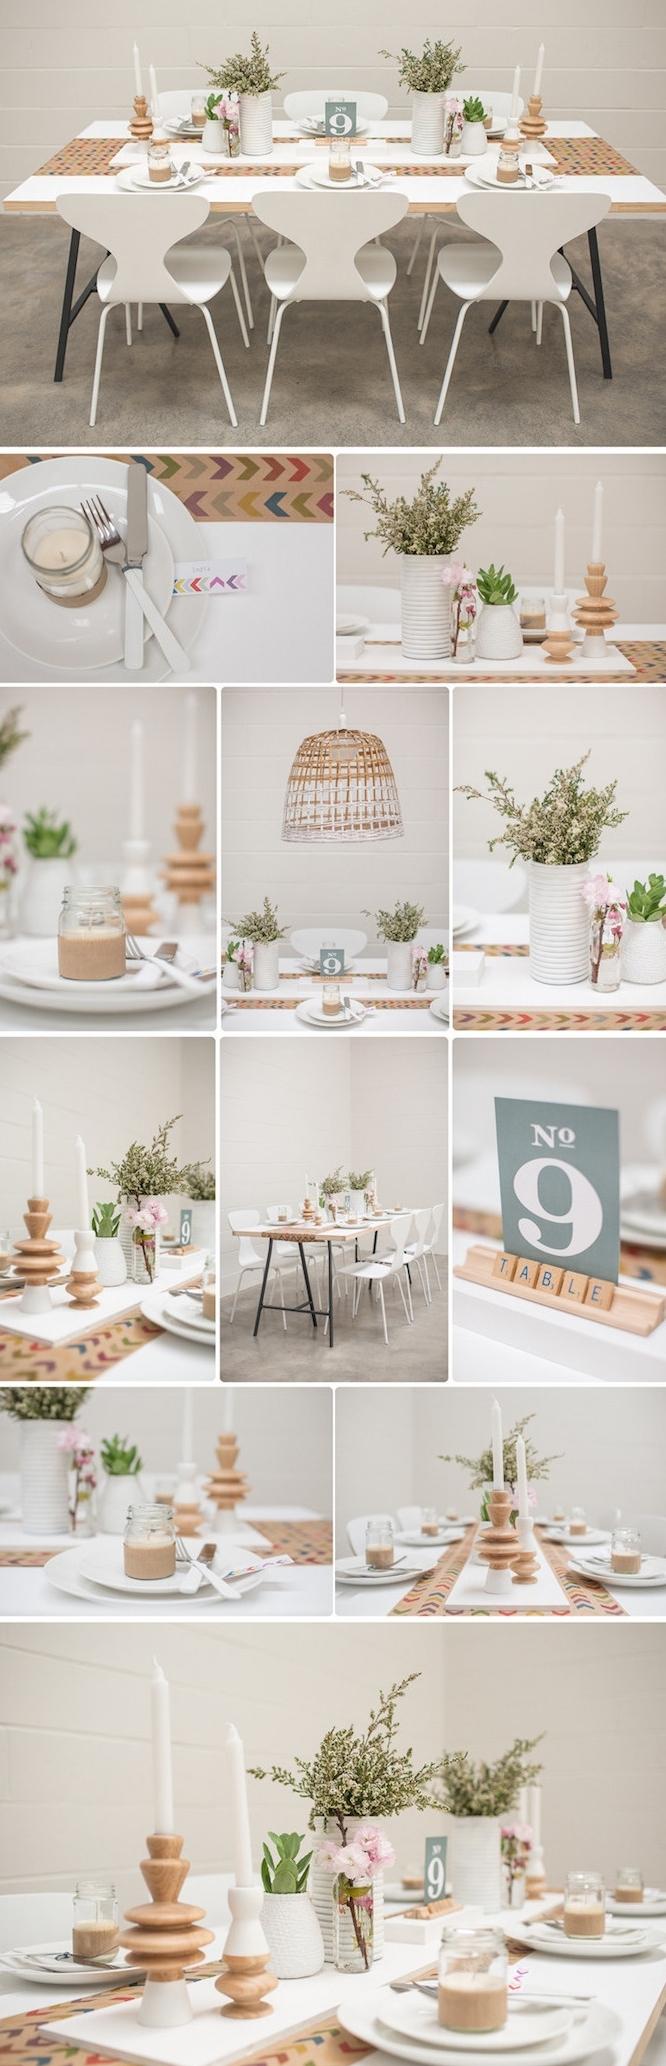 deco table mariage avec des pots en verre, transformés en bougeoirs, vases de fleurs, bougies blaches, suspension originale,